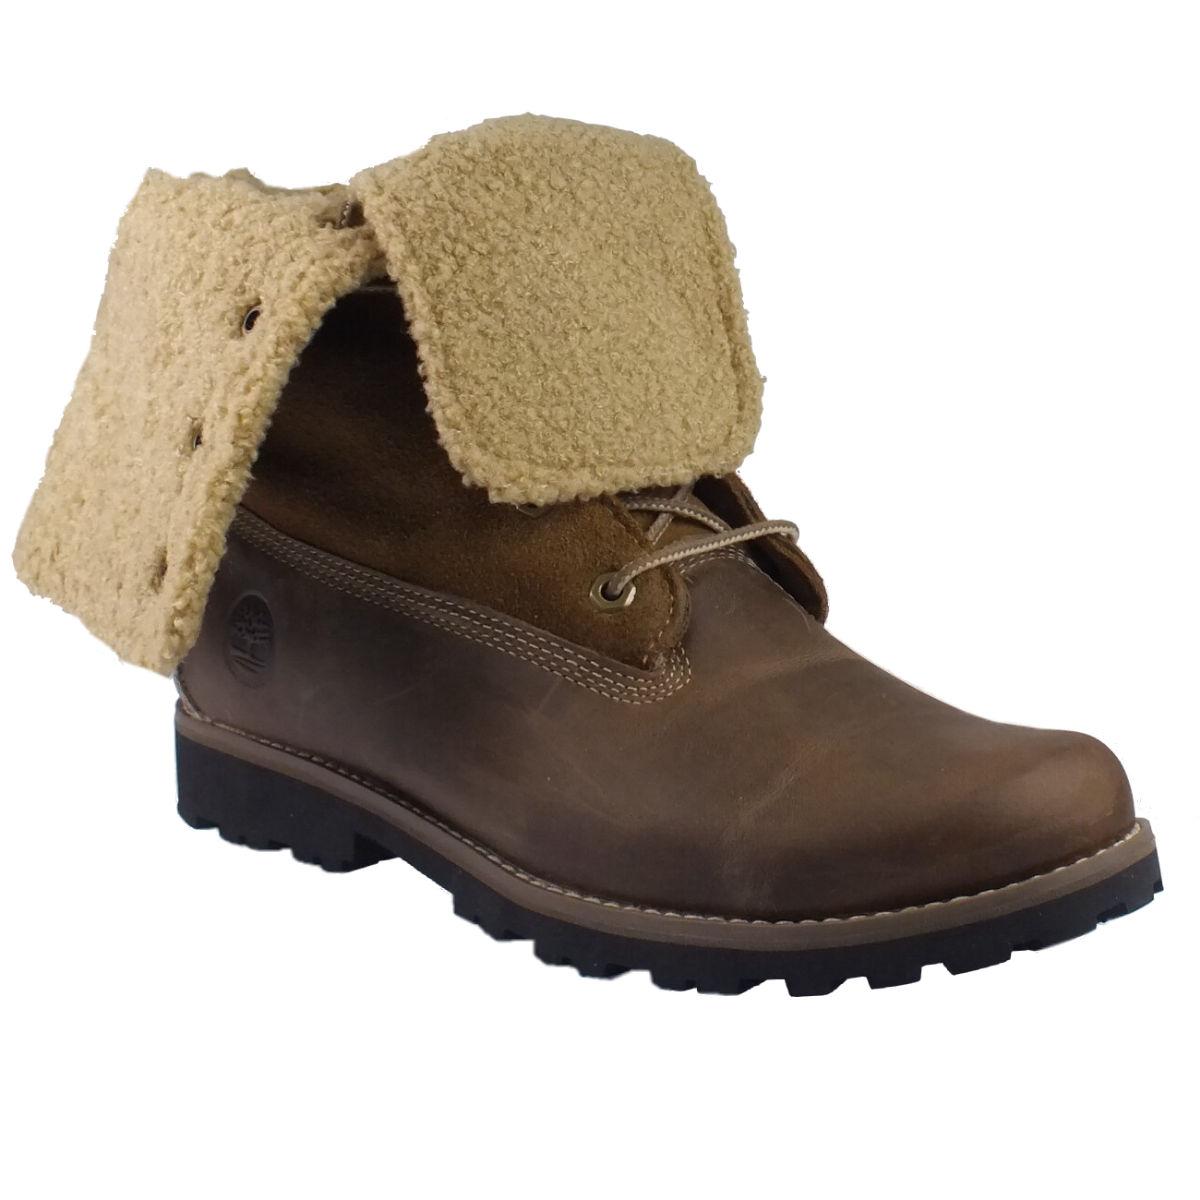 Timberland-Authentics-Damen-Kinder-Schuhe-Stiefel-Winterstiefel-Diverse-Farben